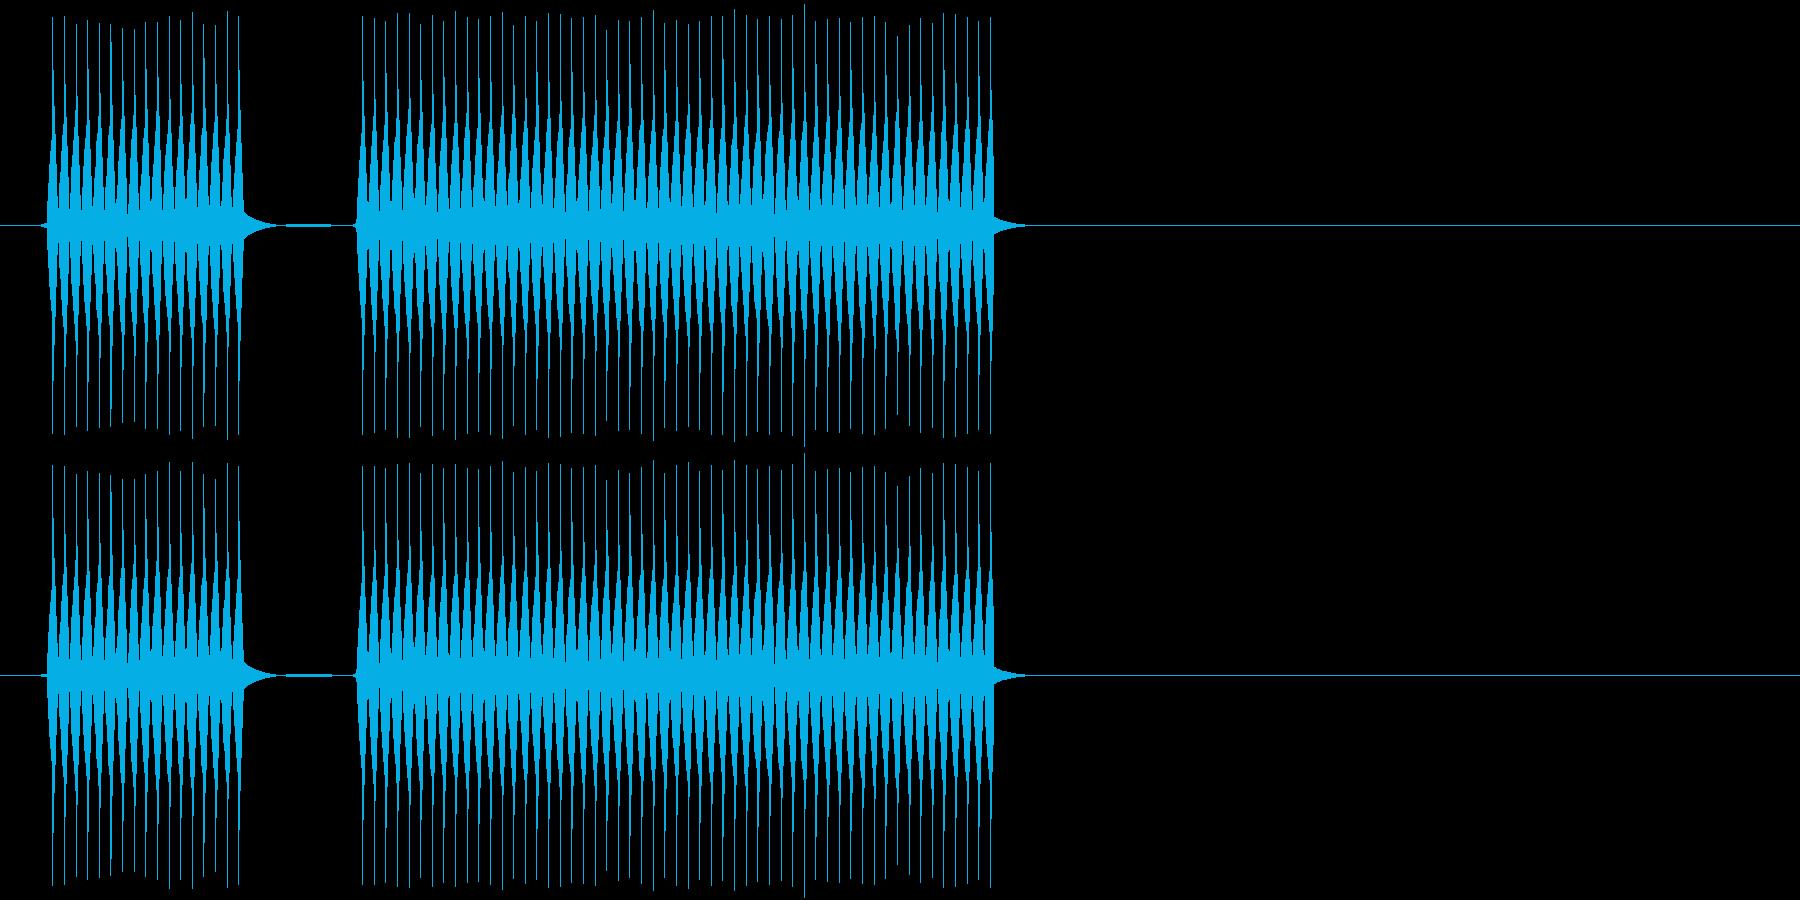 失敗したときや外れた時の音。高いヴァー…の再生済みの波形